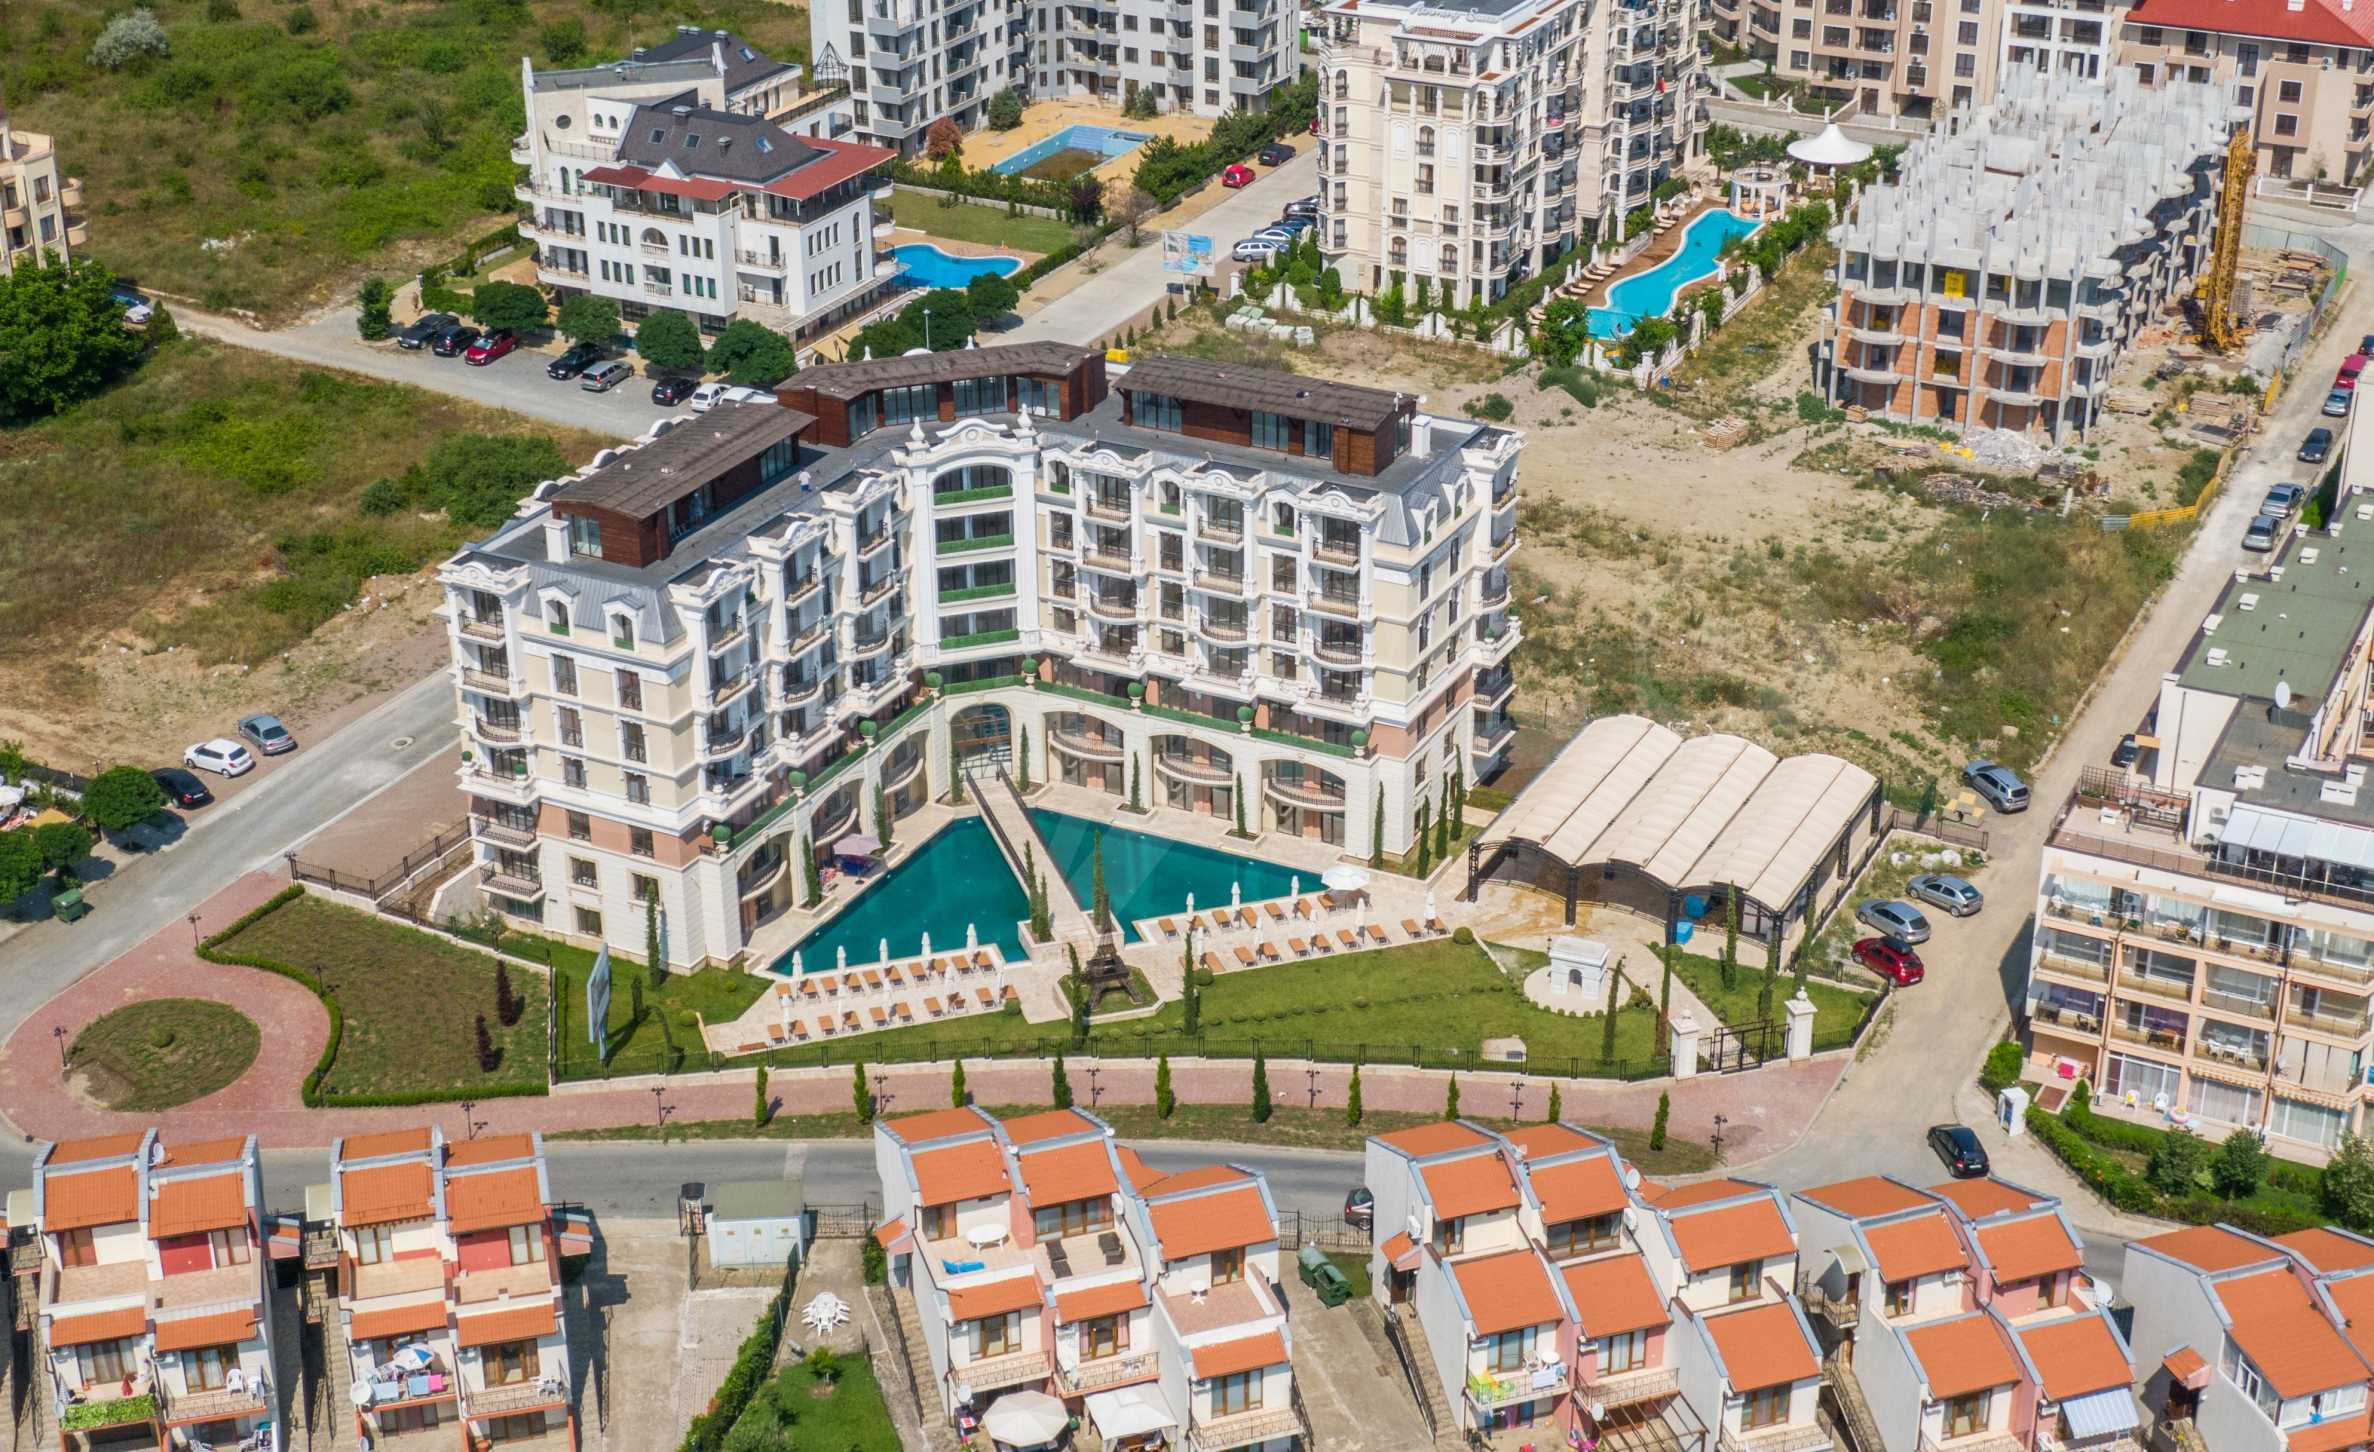 Erstklassige Apartments  zum TOP-Preis ab 890 €/m² im Komplex im Stil der französischen Renaissance (Akt 16) 14